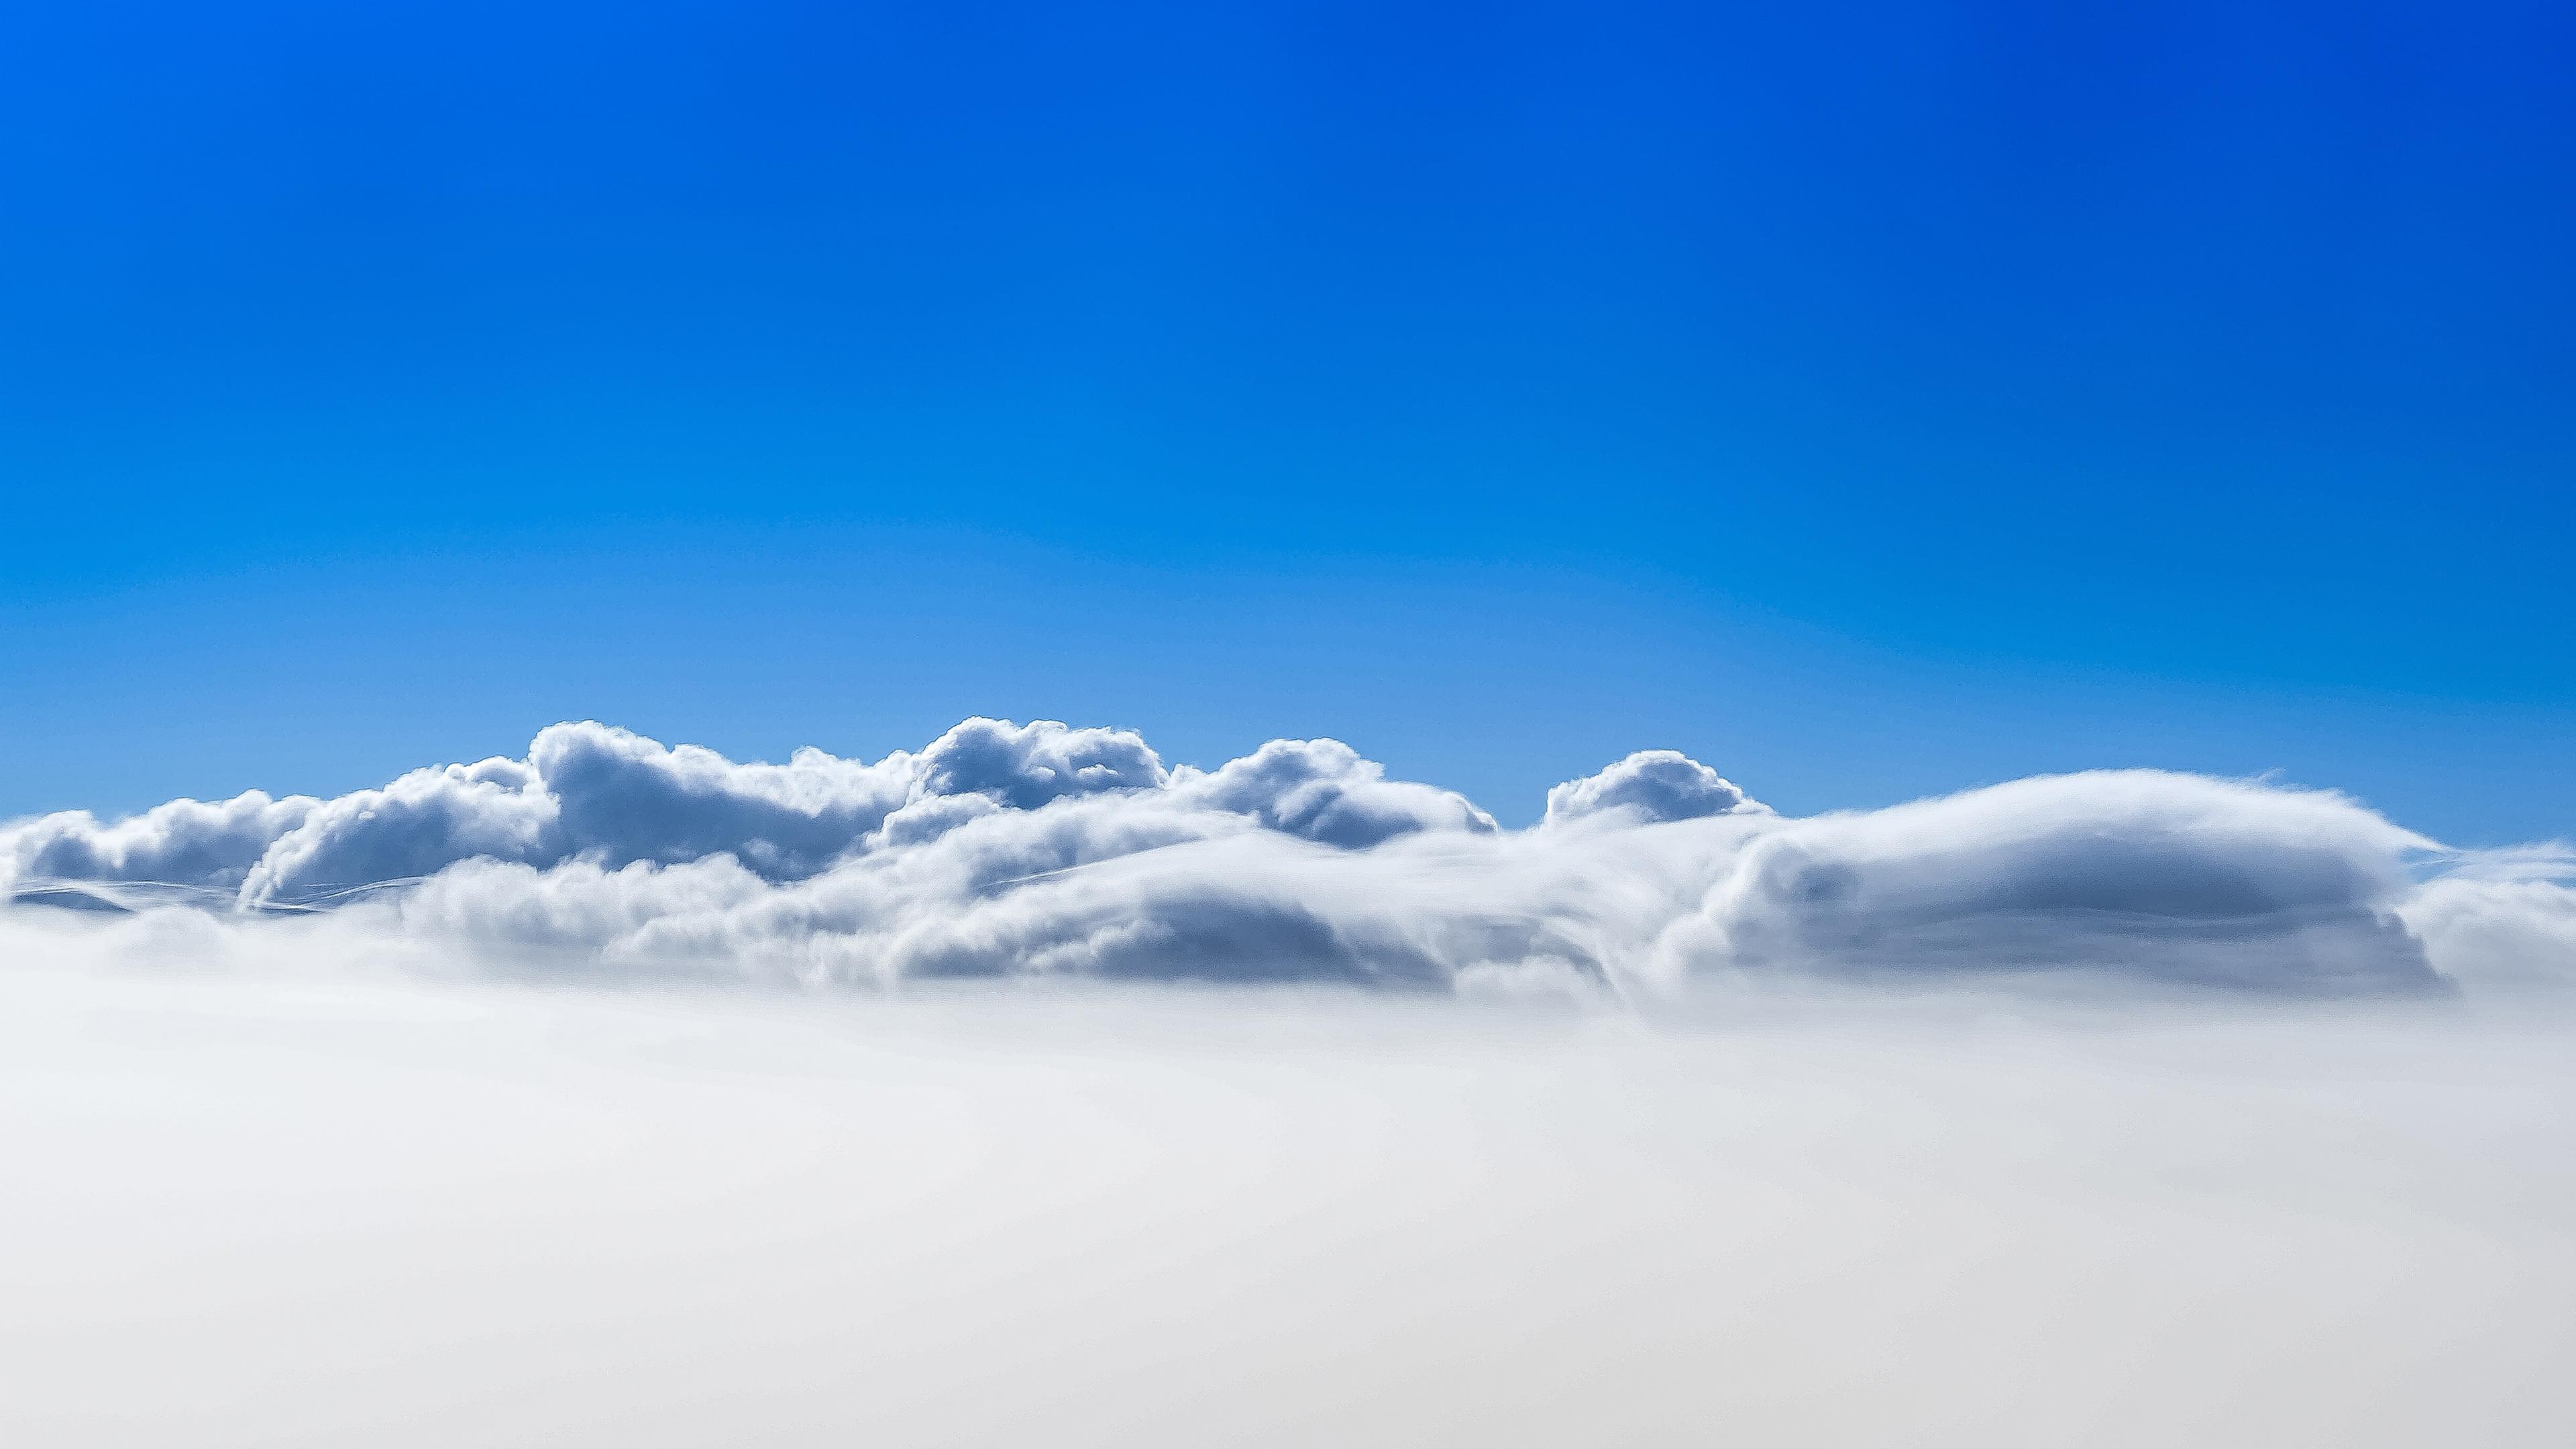 Clouds Blue Sky 4K